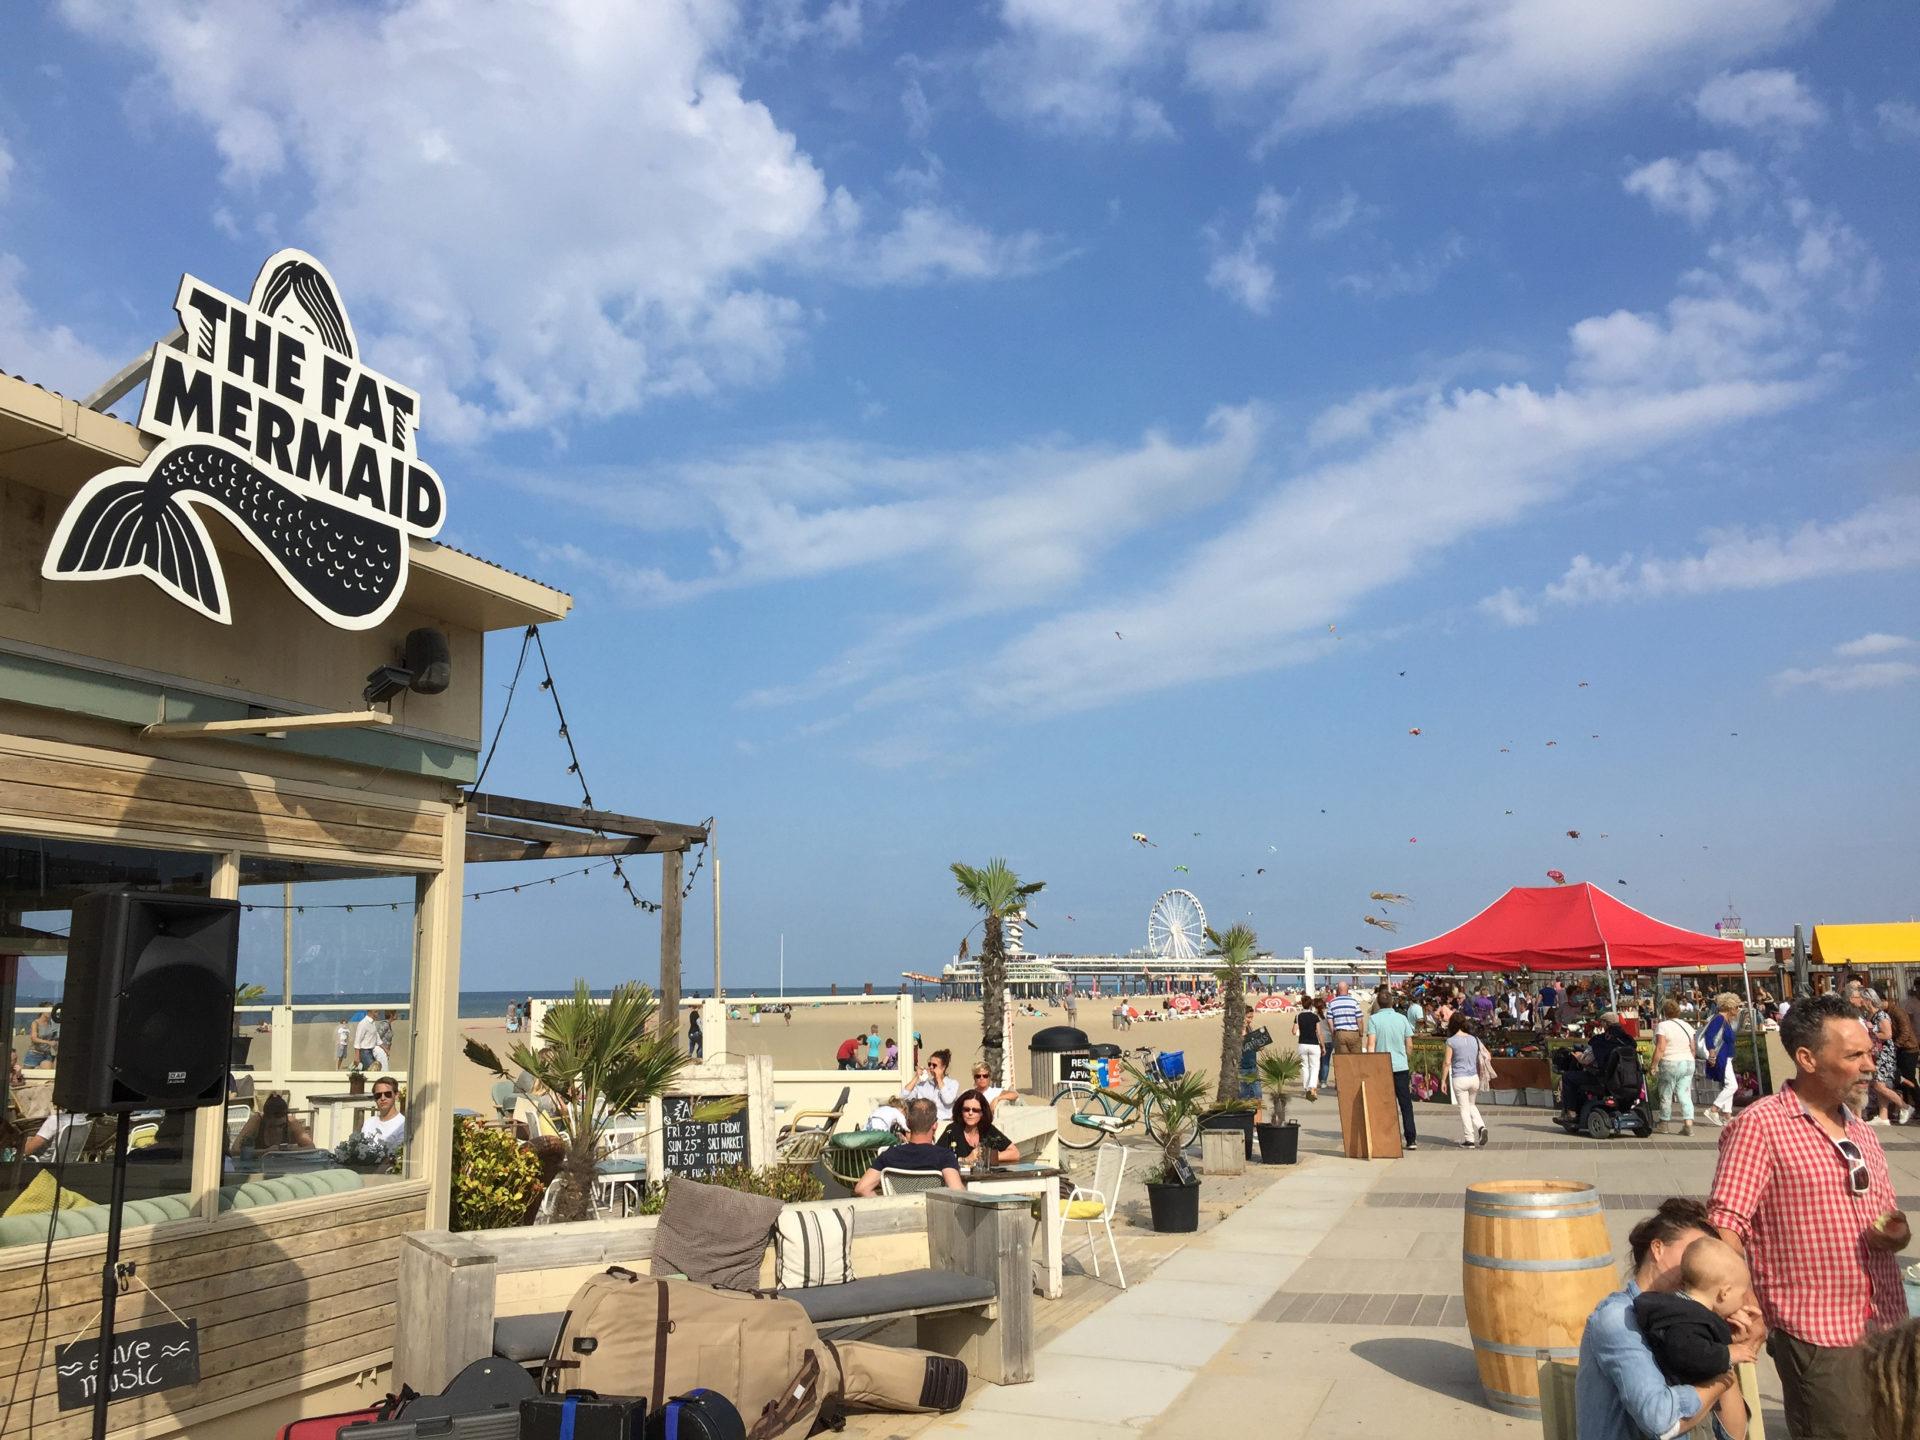 Strandpavillons in Den Haag wie The Fat Mermaid gehören zur nationalen Spitzenklasse